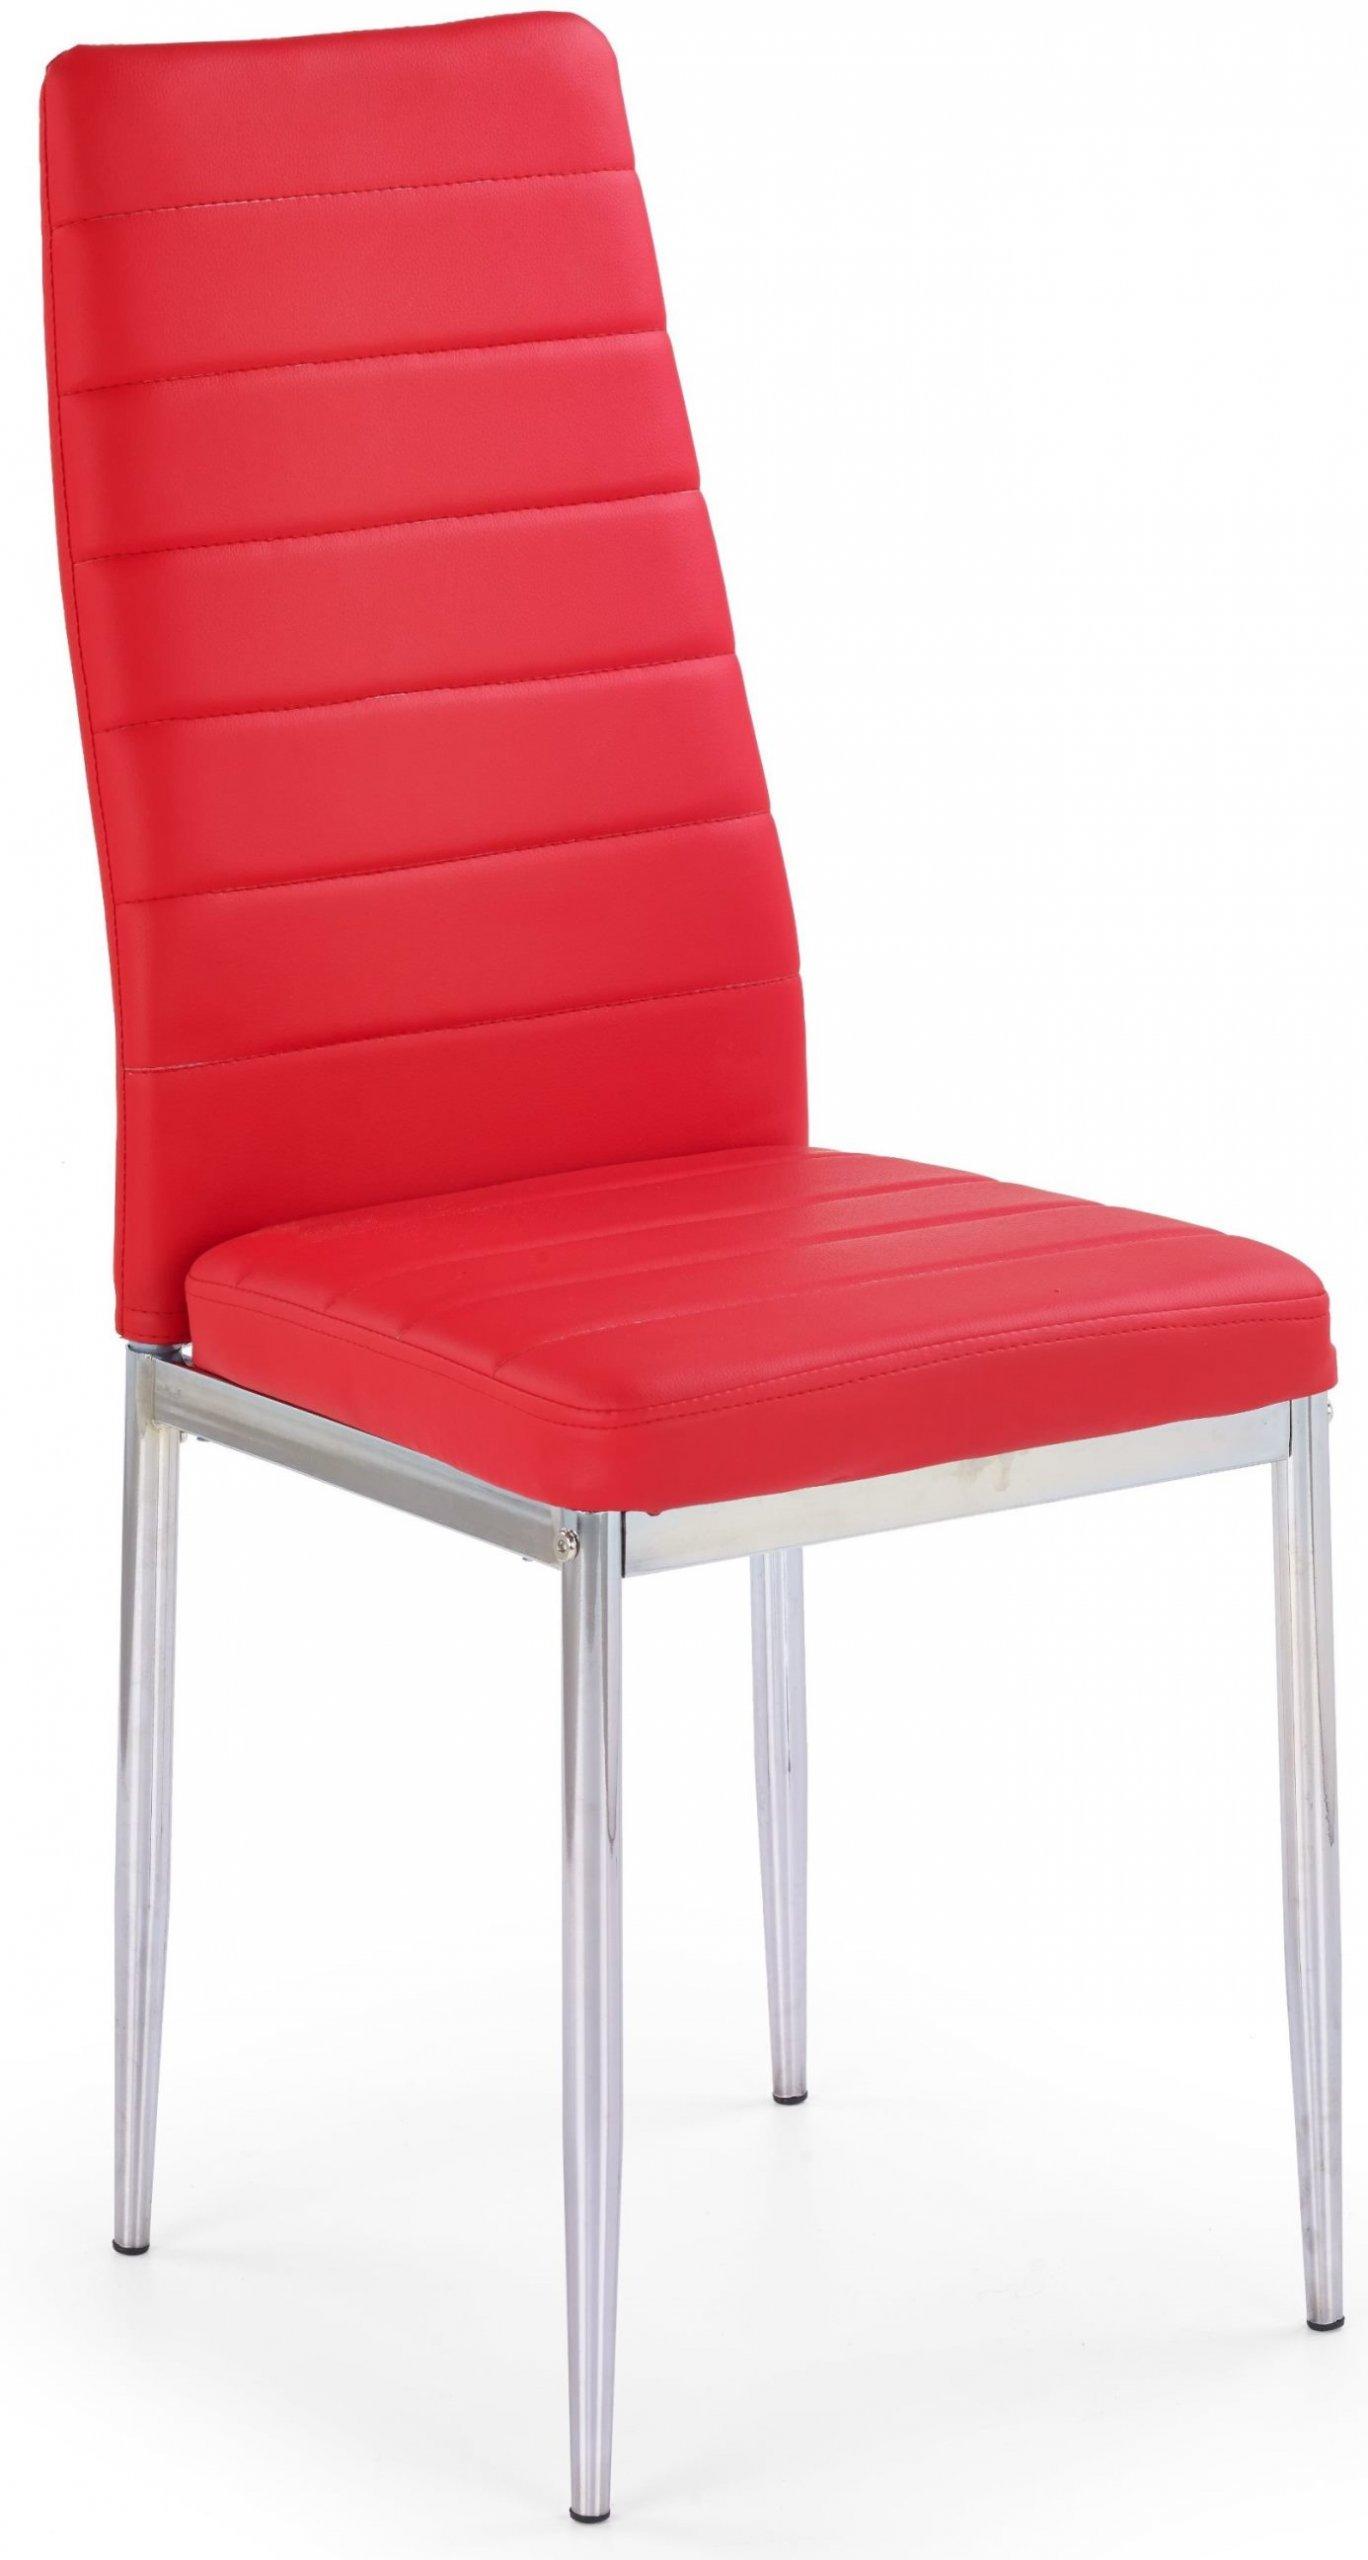 krzesła do kuchni metalowe k70